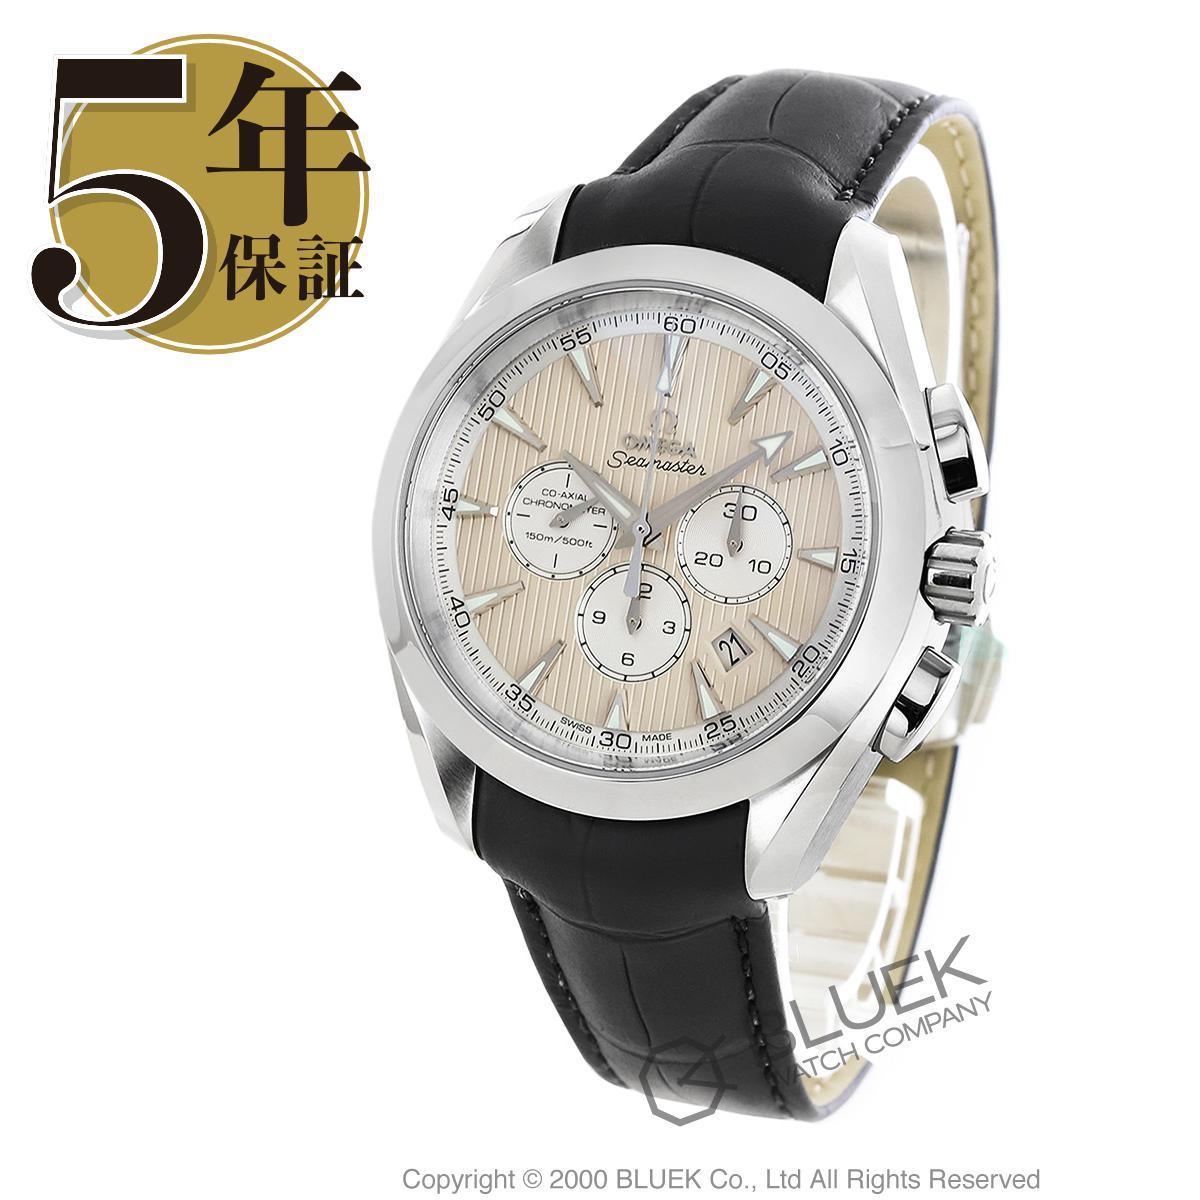 オメガ シーマスター アクアテラ クロノグラフ アリゲーターレザー 腕時計 メンズ OMEGA 231.13.44.50.09.001_5